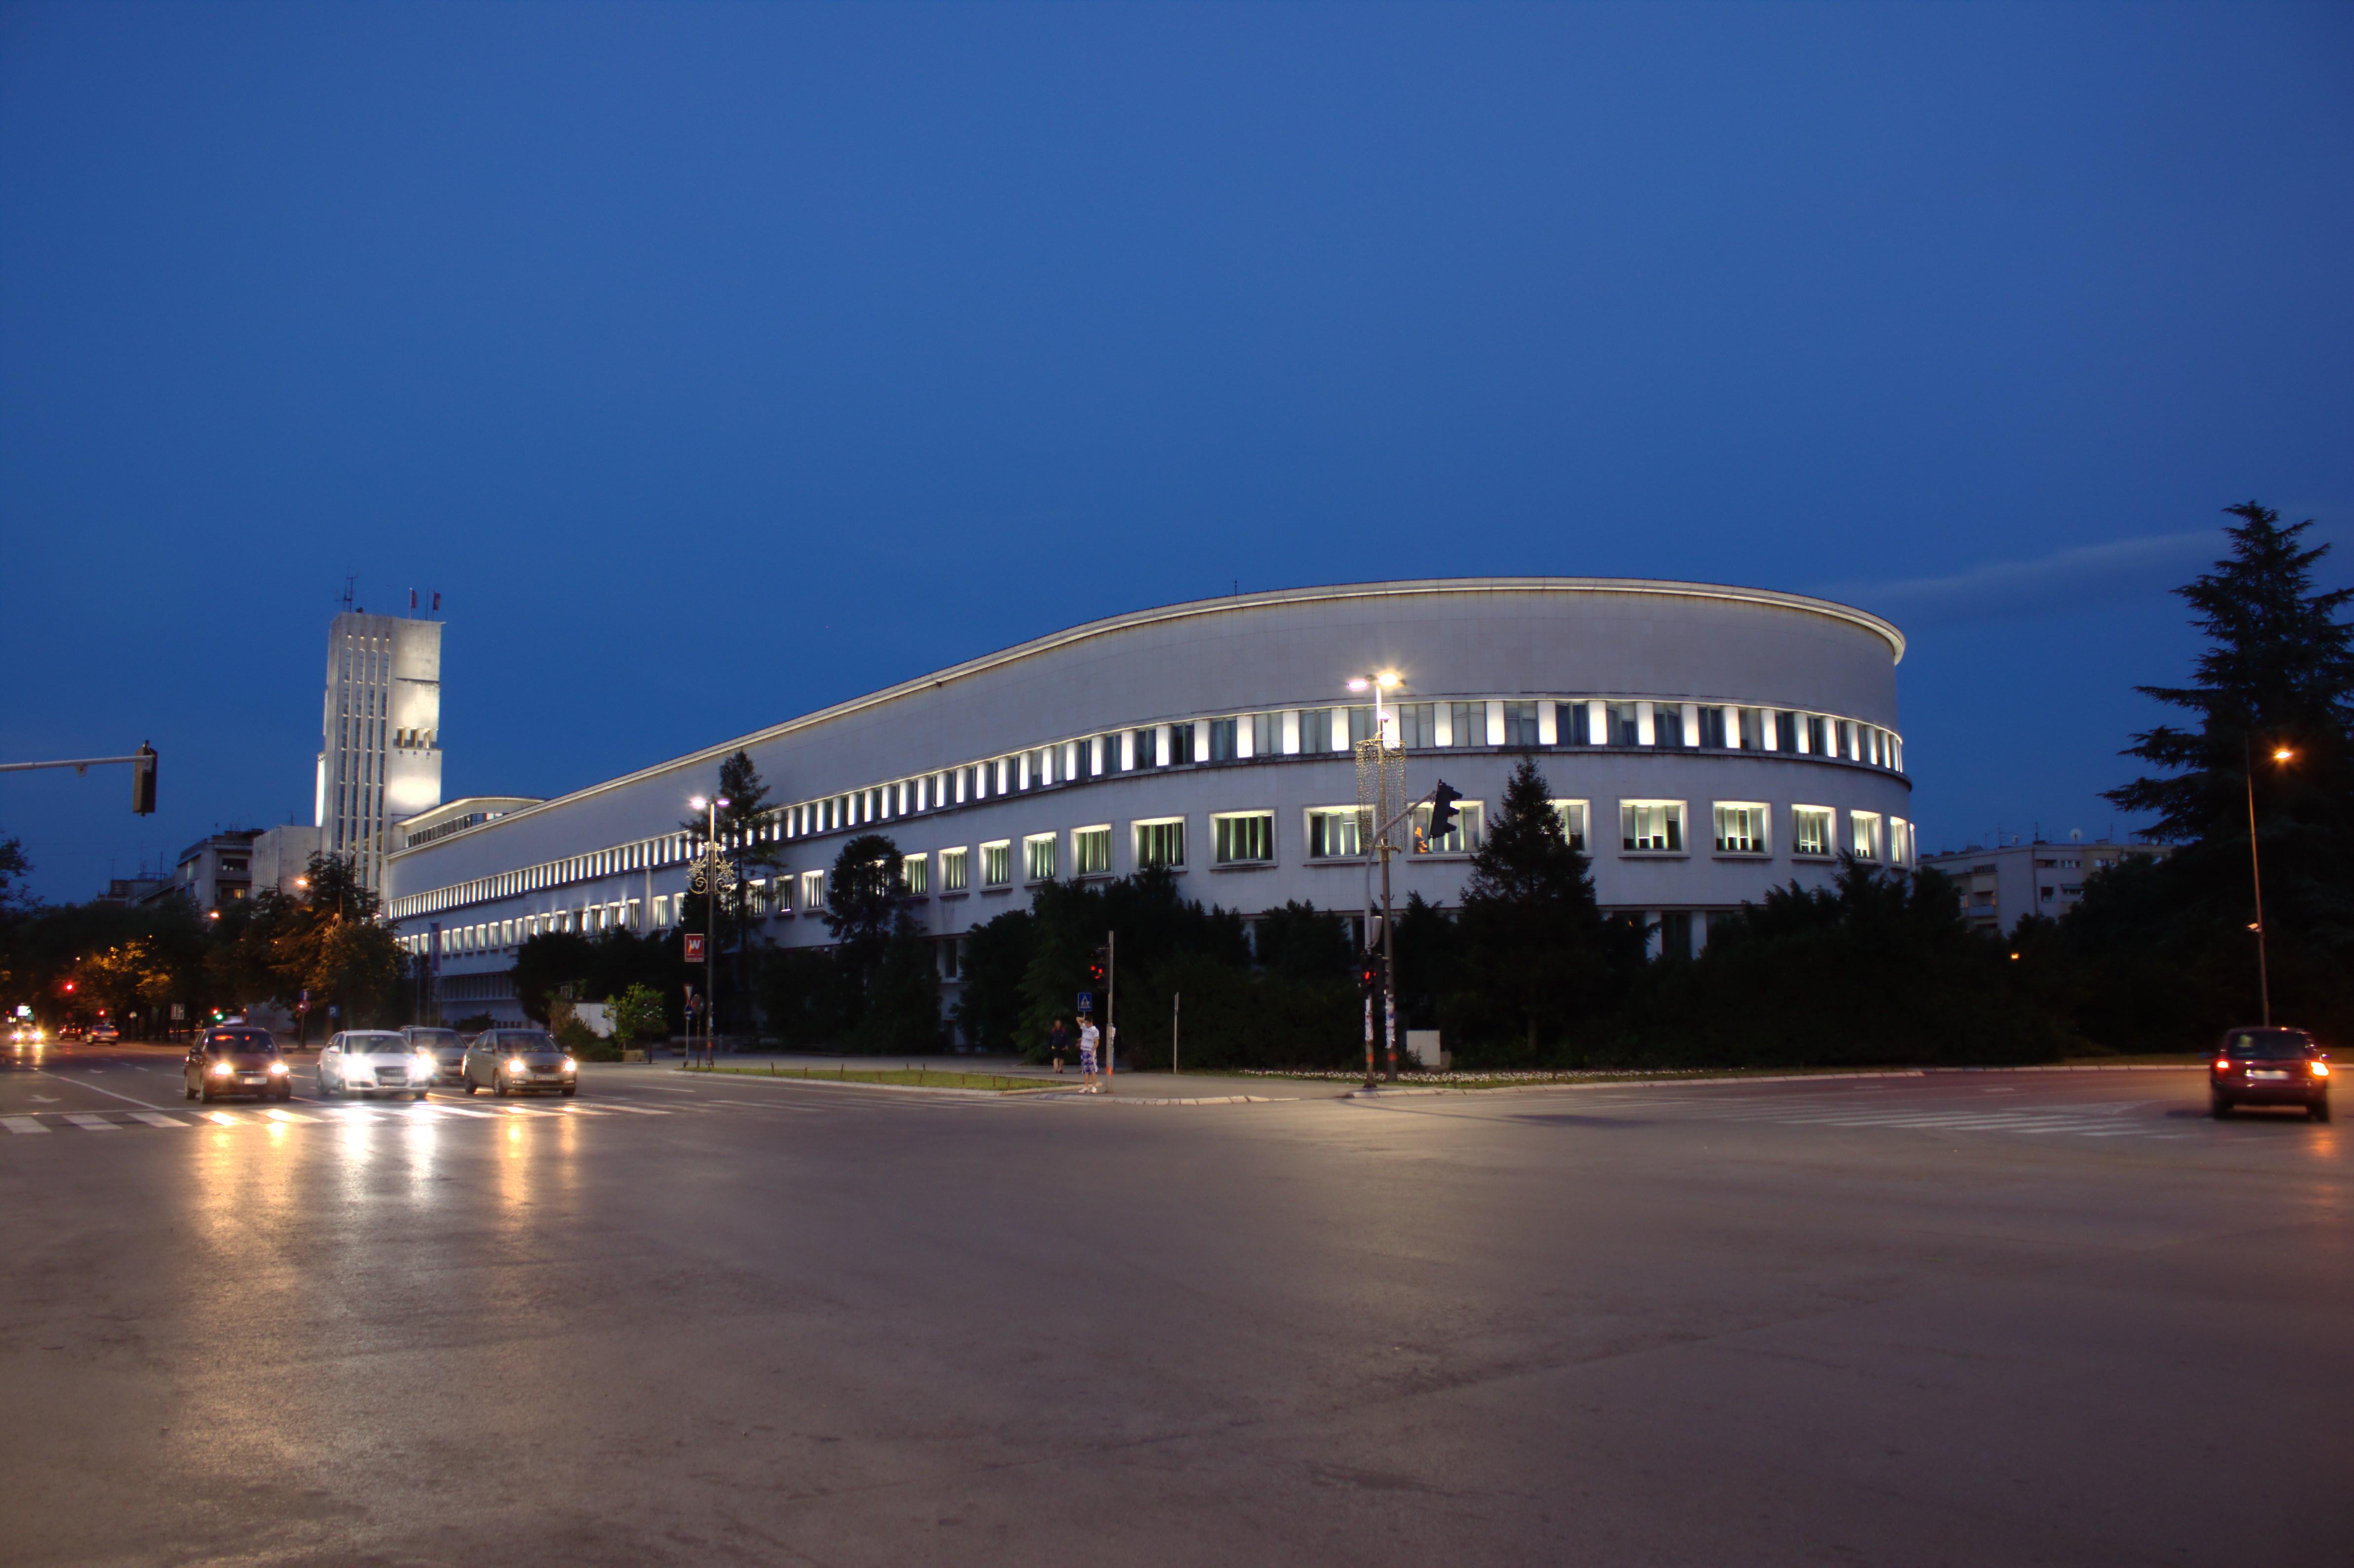 Slike Novog Sada  Novi_Sad,_Mihajla_Pupina,_budova_vl%C3%A1dy_Vojvodiny_ve%C4%8Der